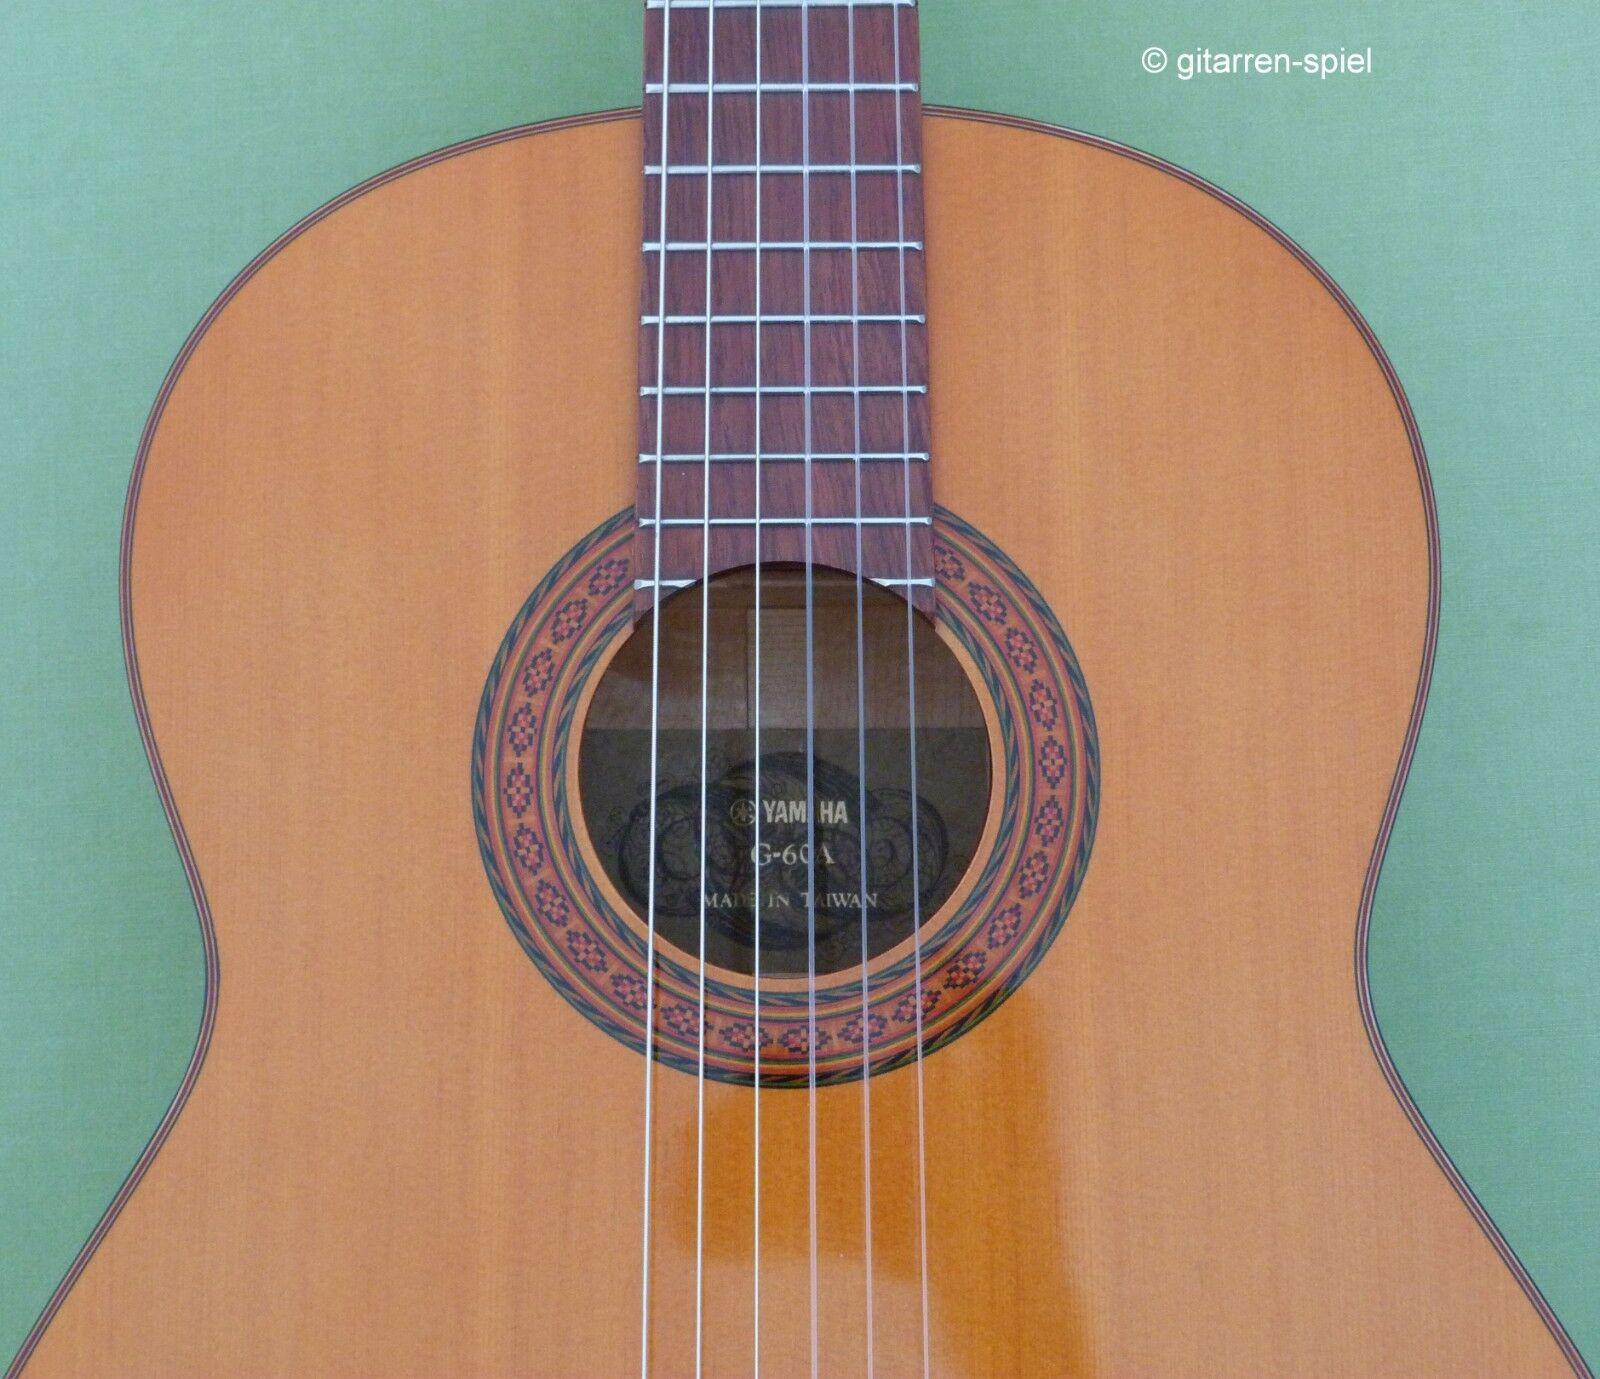 Vintage 4 4 Konzert-Gitarre Yamaha G-60A Decke Fichte klangstark Kult Rar Top